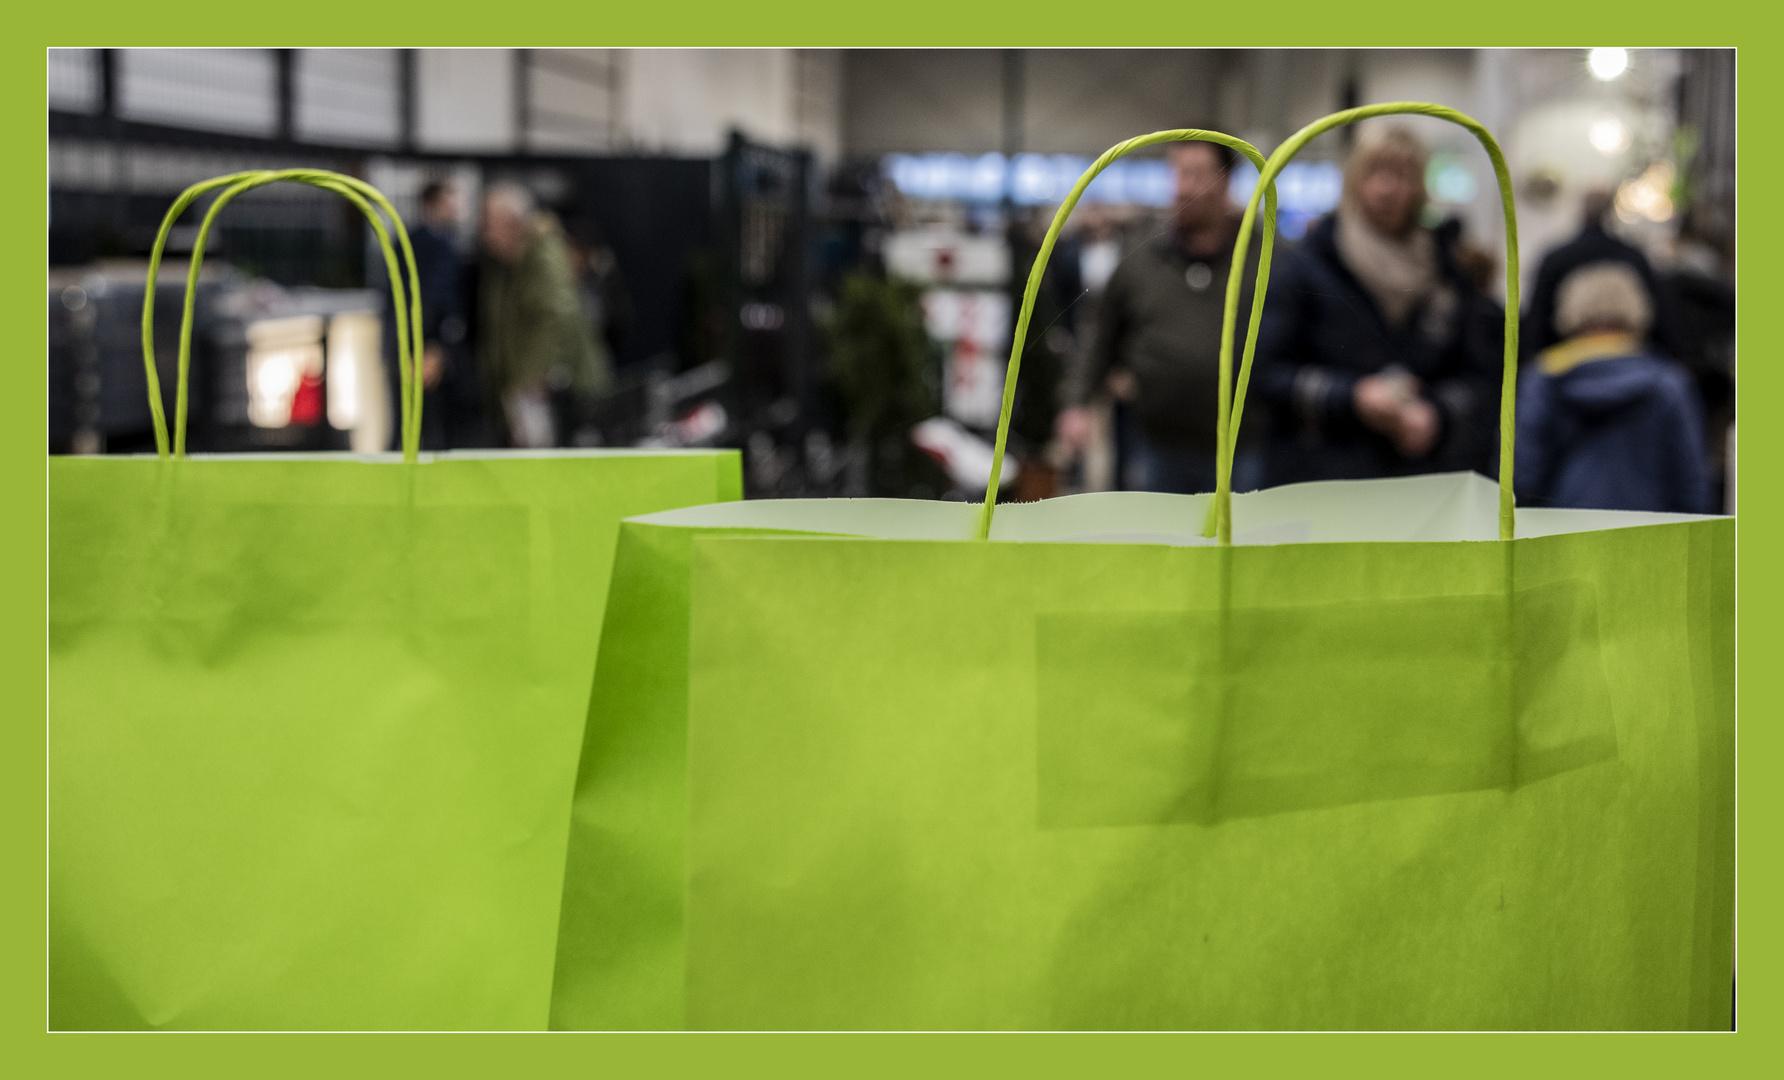 Einkaufen ist gefährlich und anstrengend